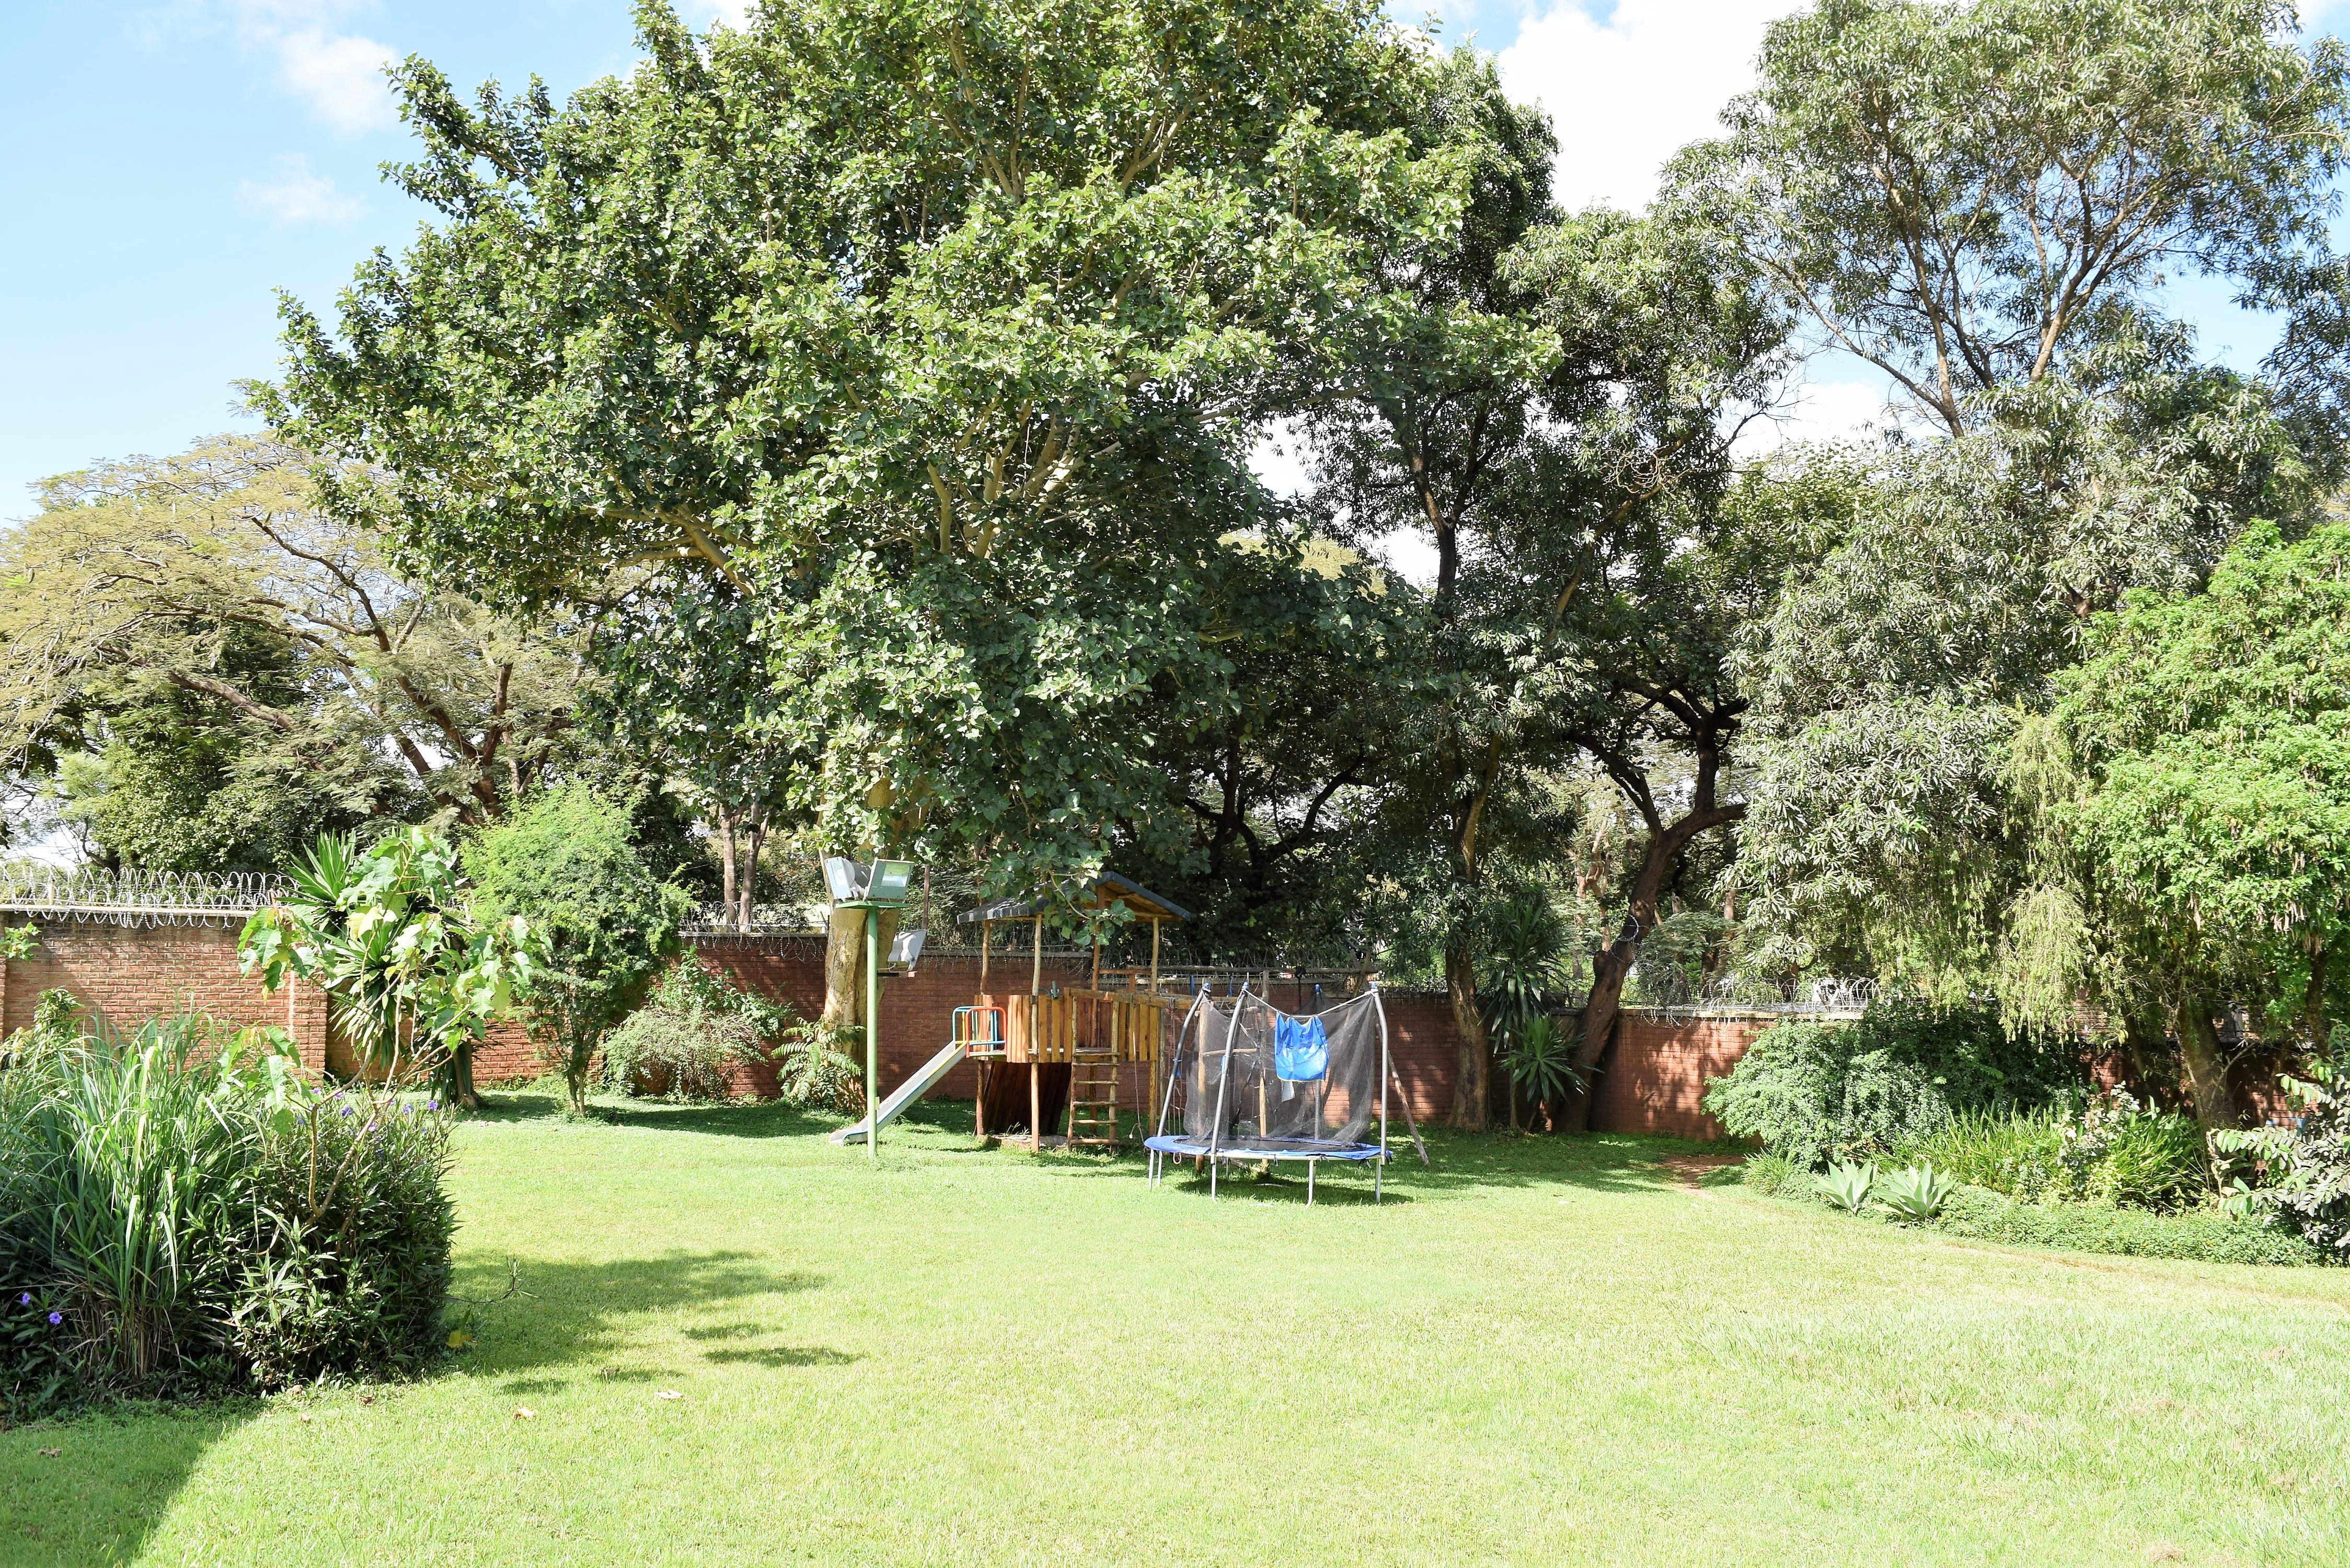 6. playground